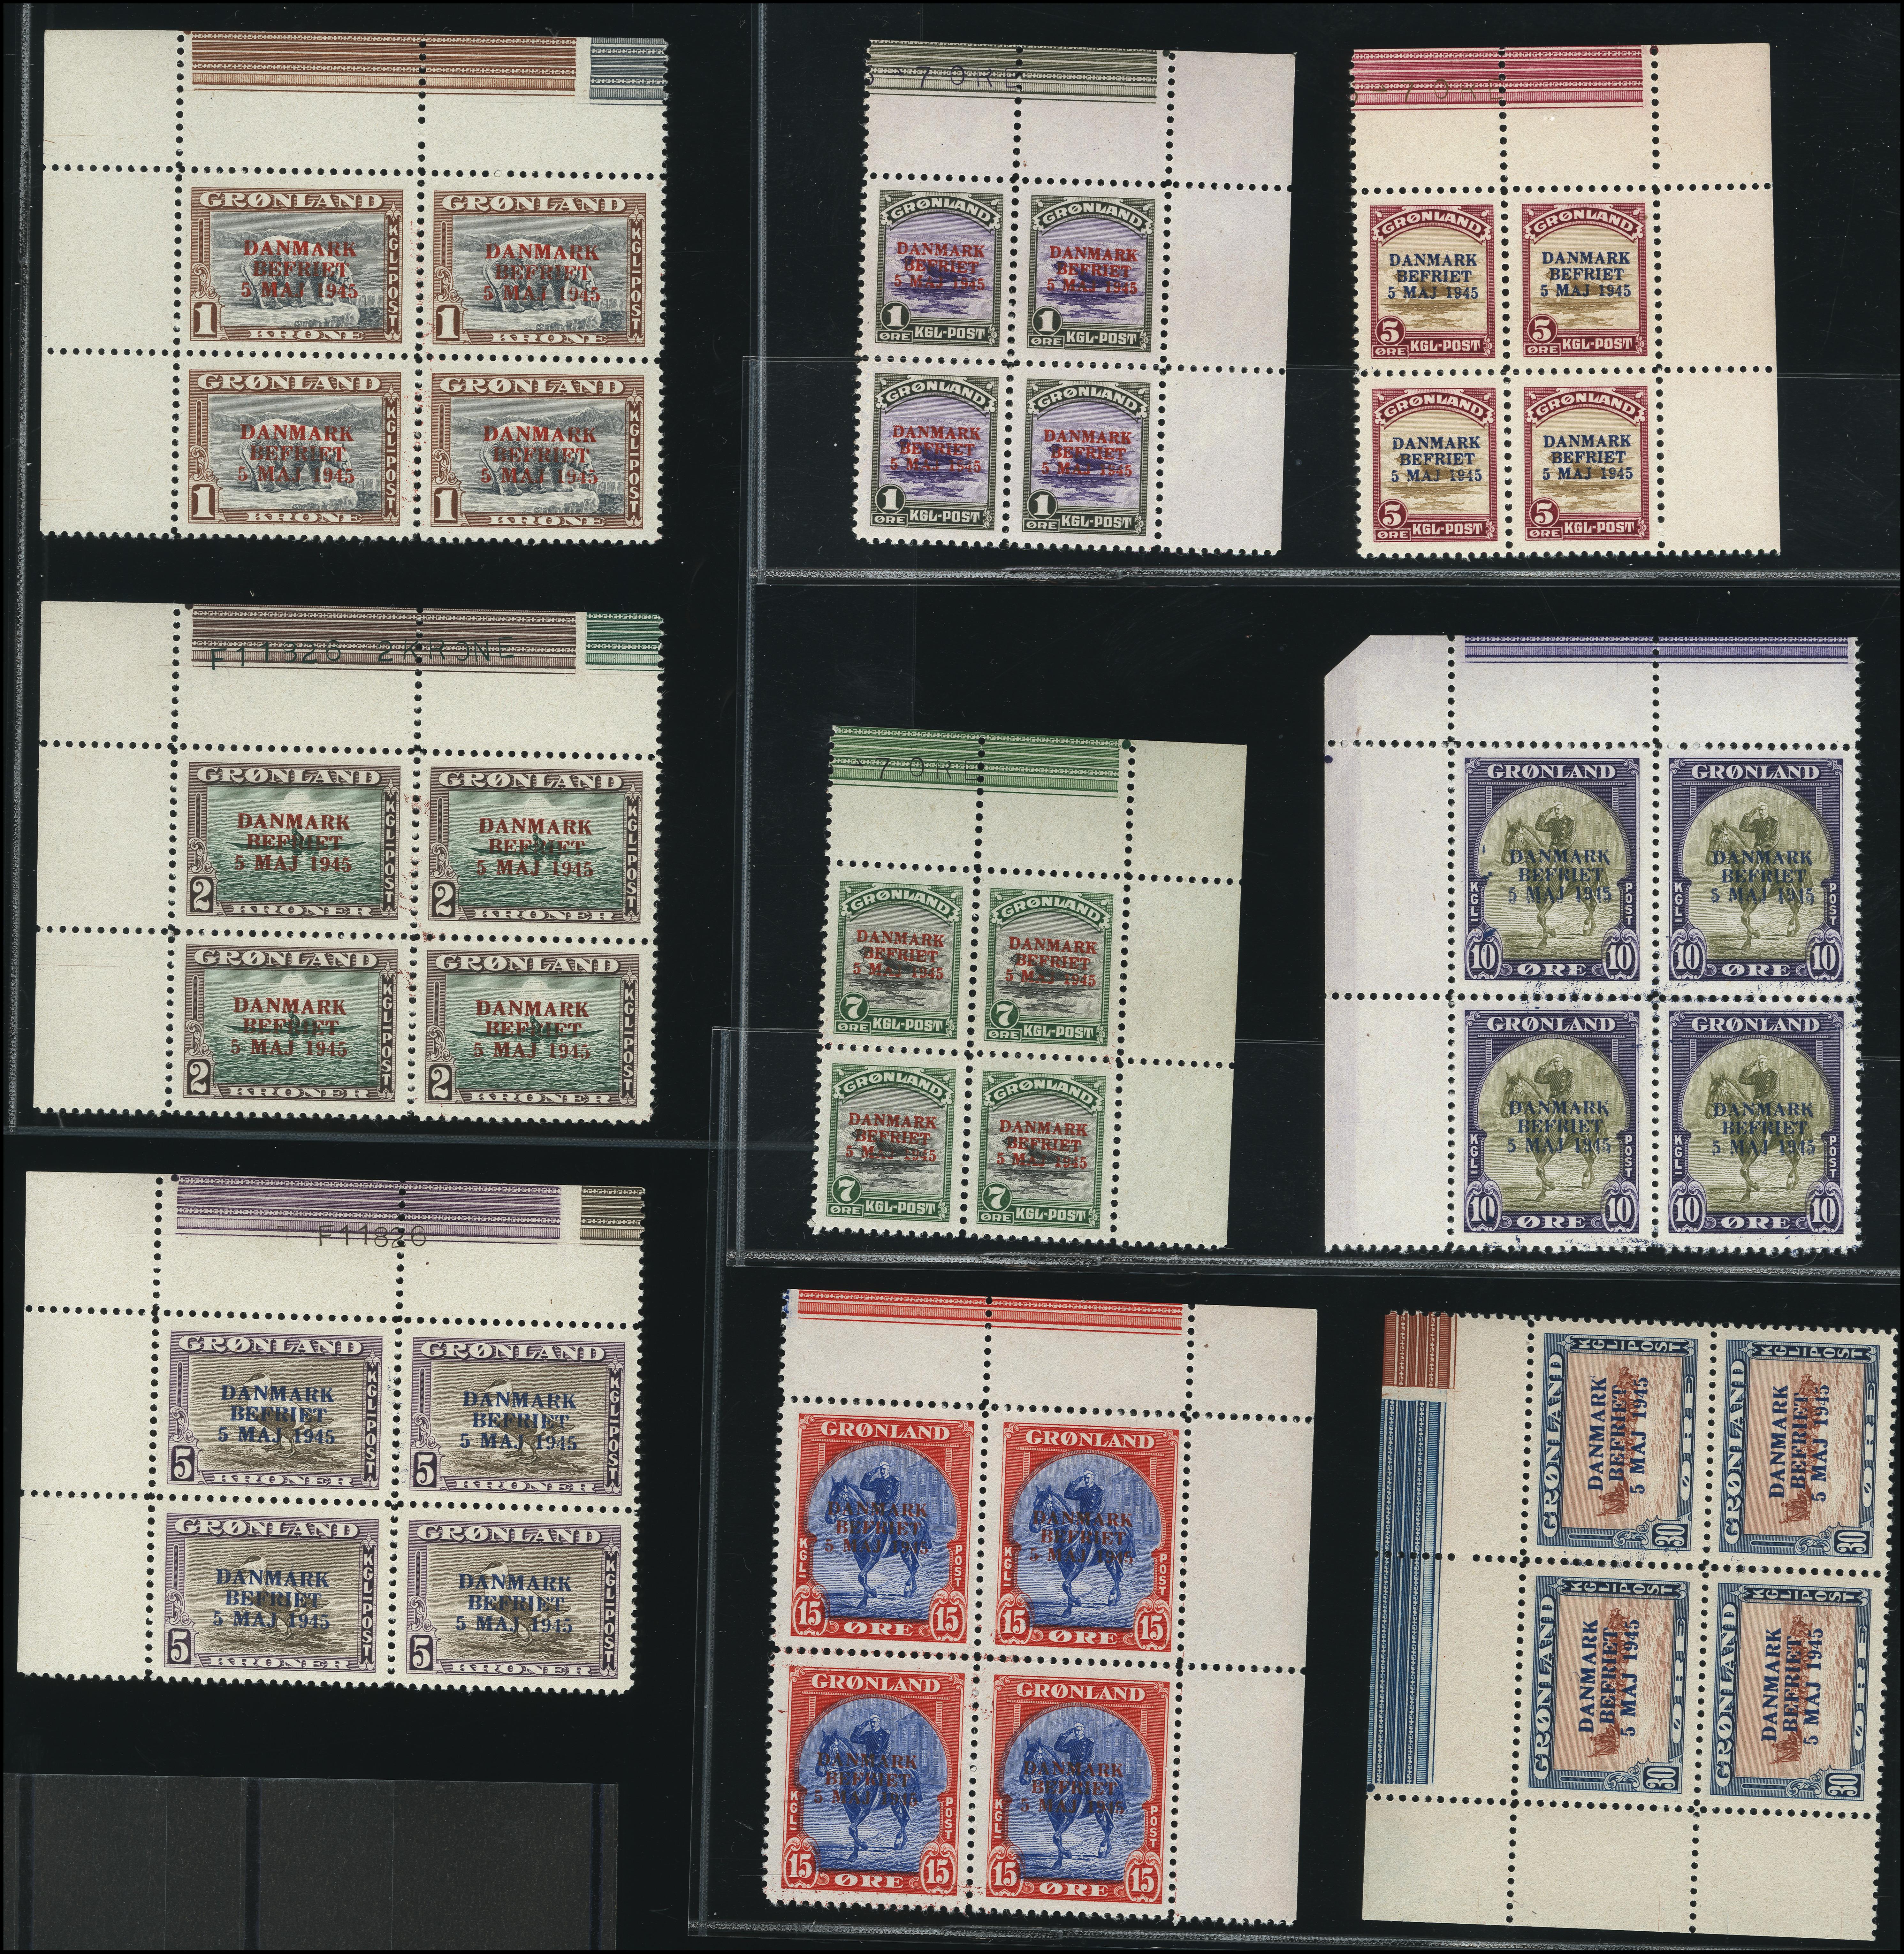 Lot 1137 - Greenland Greenland - Danish Post -  Heinrich Koehler Auktionen Heinrich Köhler Auction 376 - Day 1